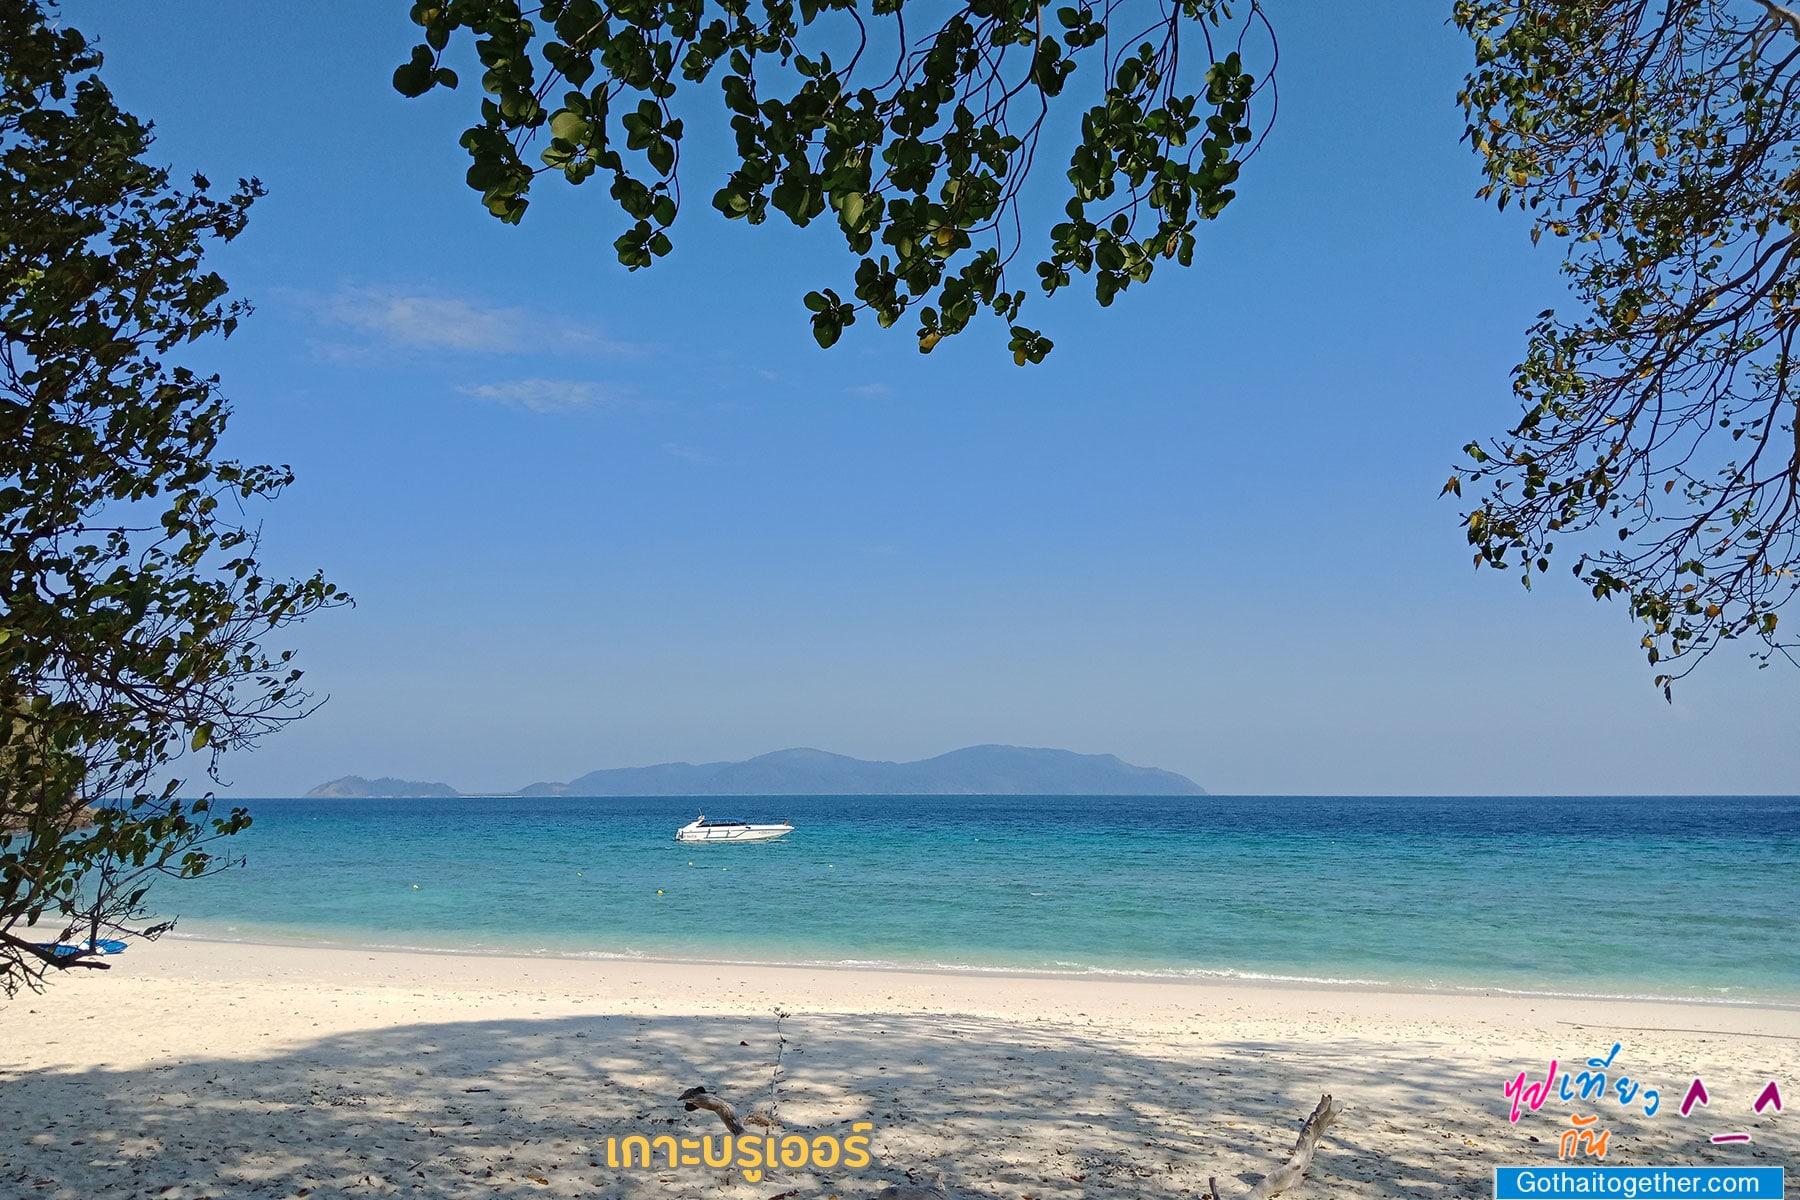 เกาะบรูเออร์ โลกใต้ทะเล สดใหม่ อันสวยงาม สายดำน้ำควรต้องมาเช็คอิน 36